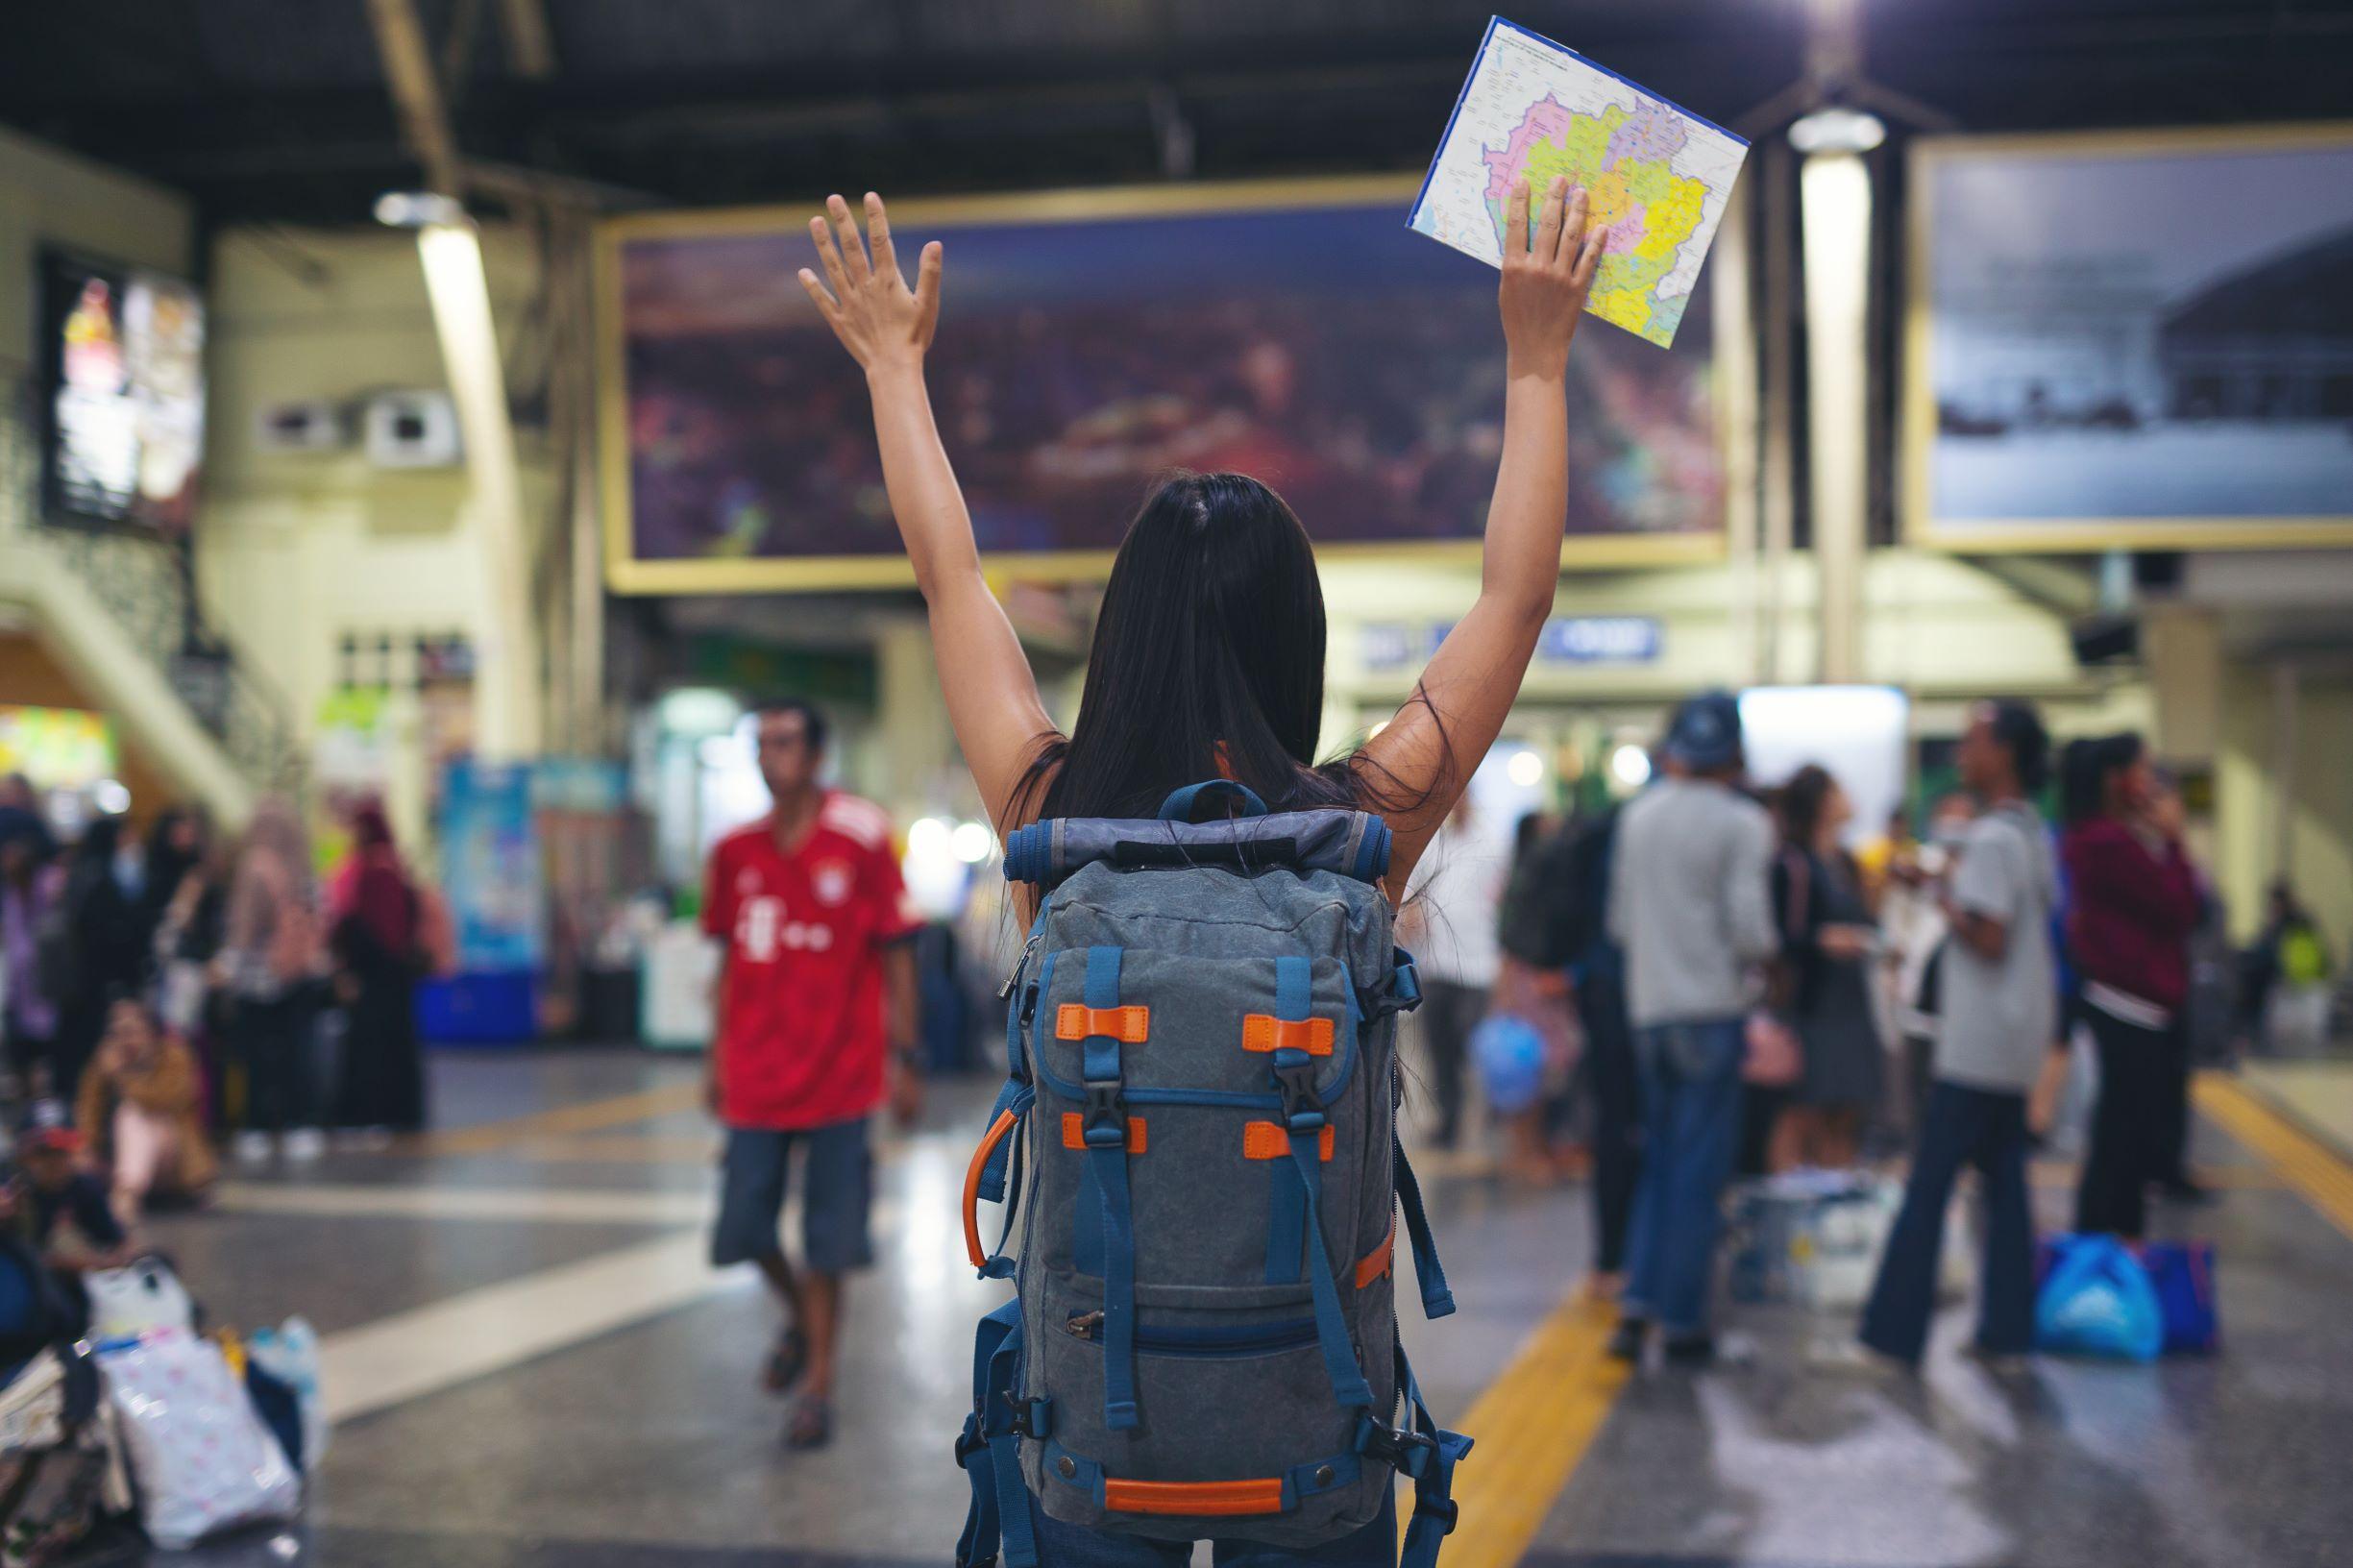 Foto de uma mulher de costas, com as mãos para o alto, segurando um mapa em uma das mãos e com uma mochila nas costas. A foto foi tirada em um aeroporto, demonstrando as múltiplas possibilidades de uma cidade digital.